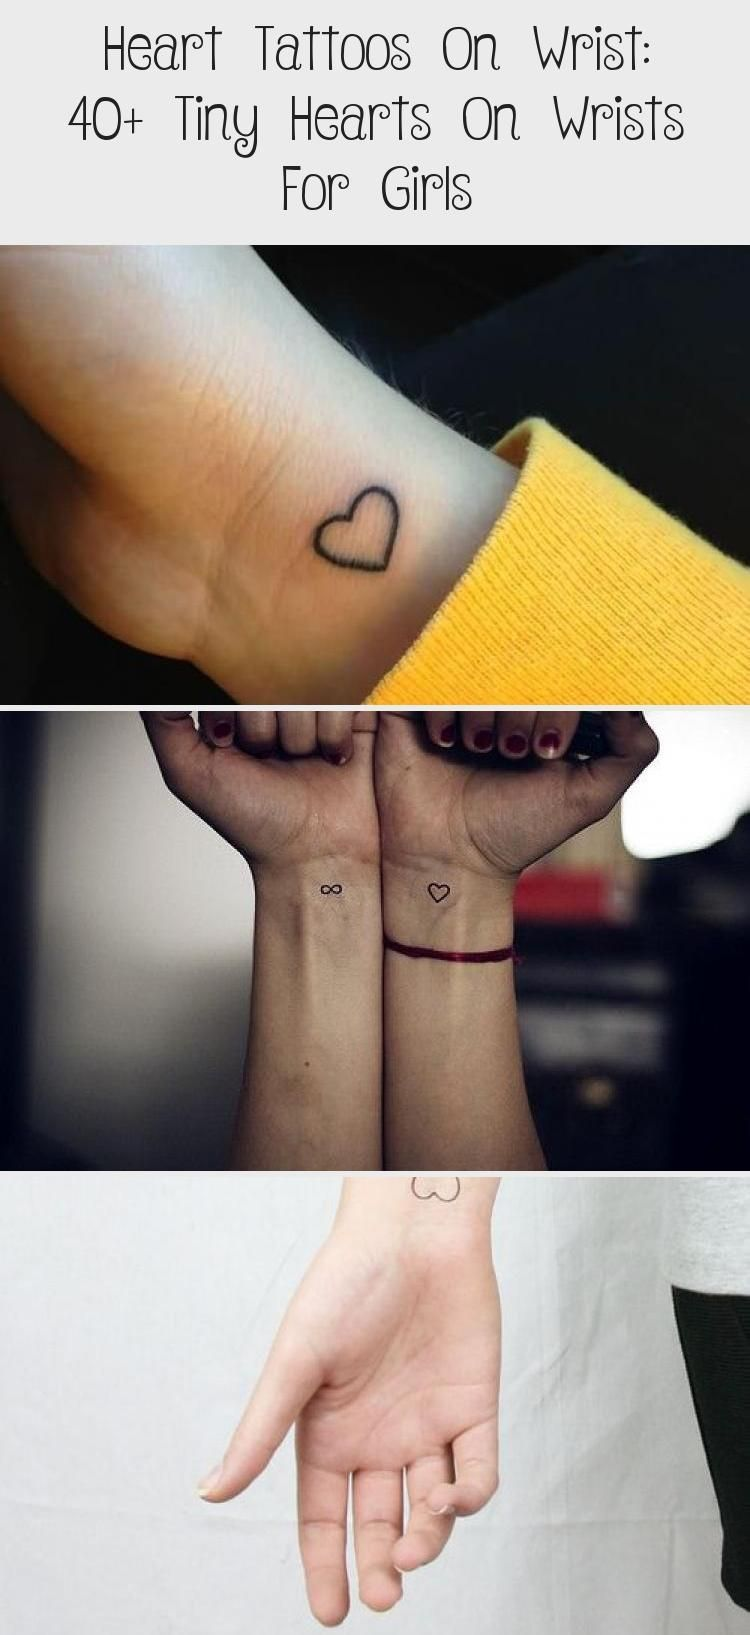 Heart tattoos on wrist 40 tiny hearts on wrists for